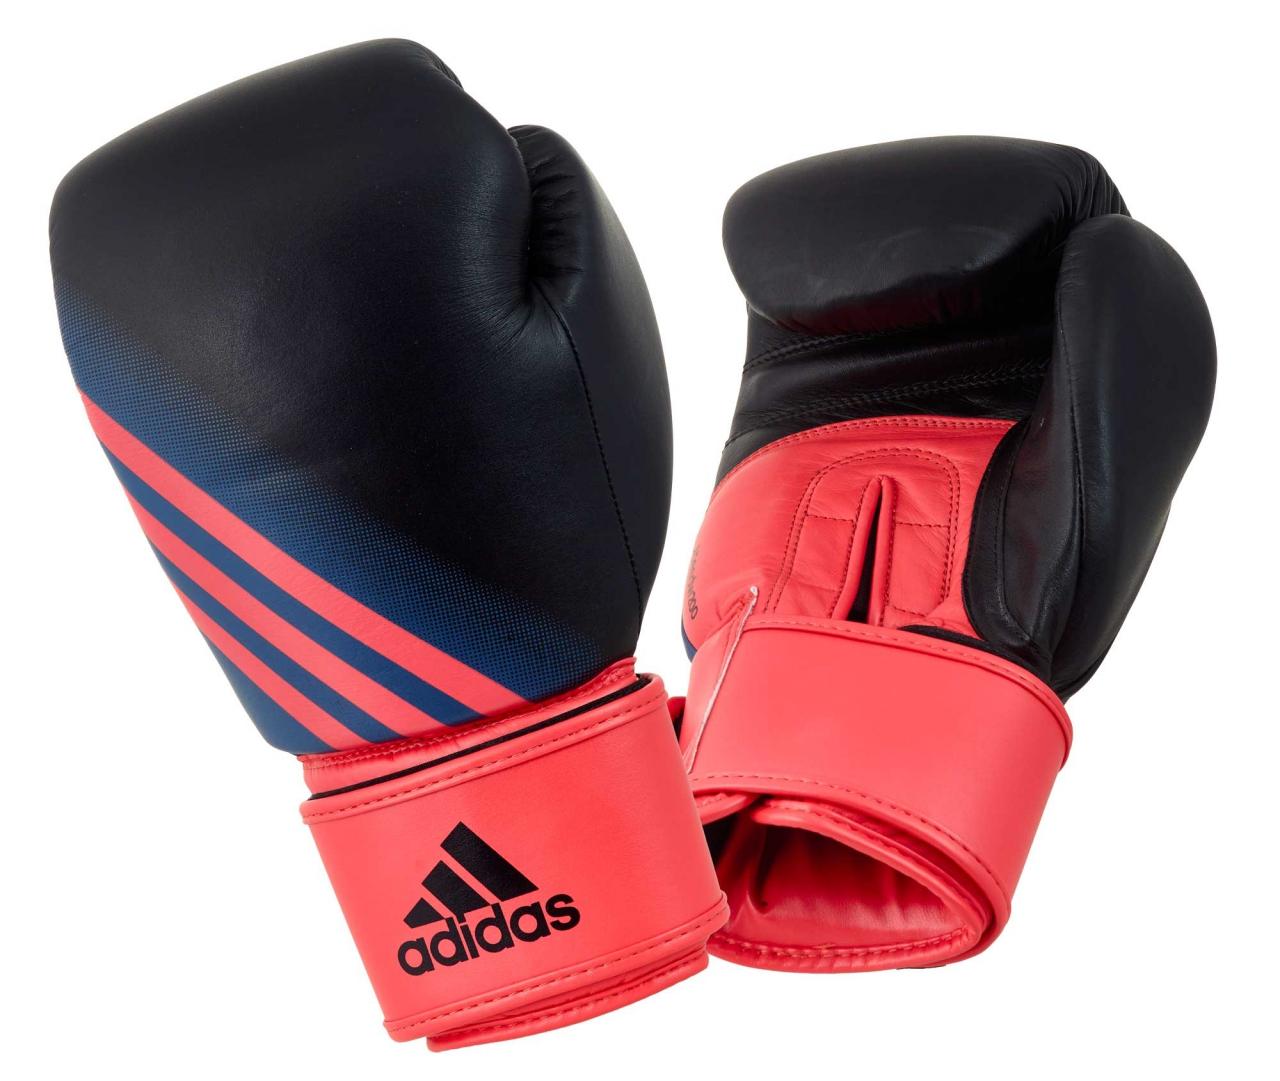 Adidas Speed 200 W Boxhandschuhe in schwarzshock rot